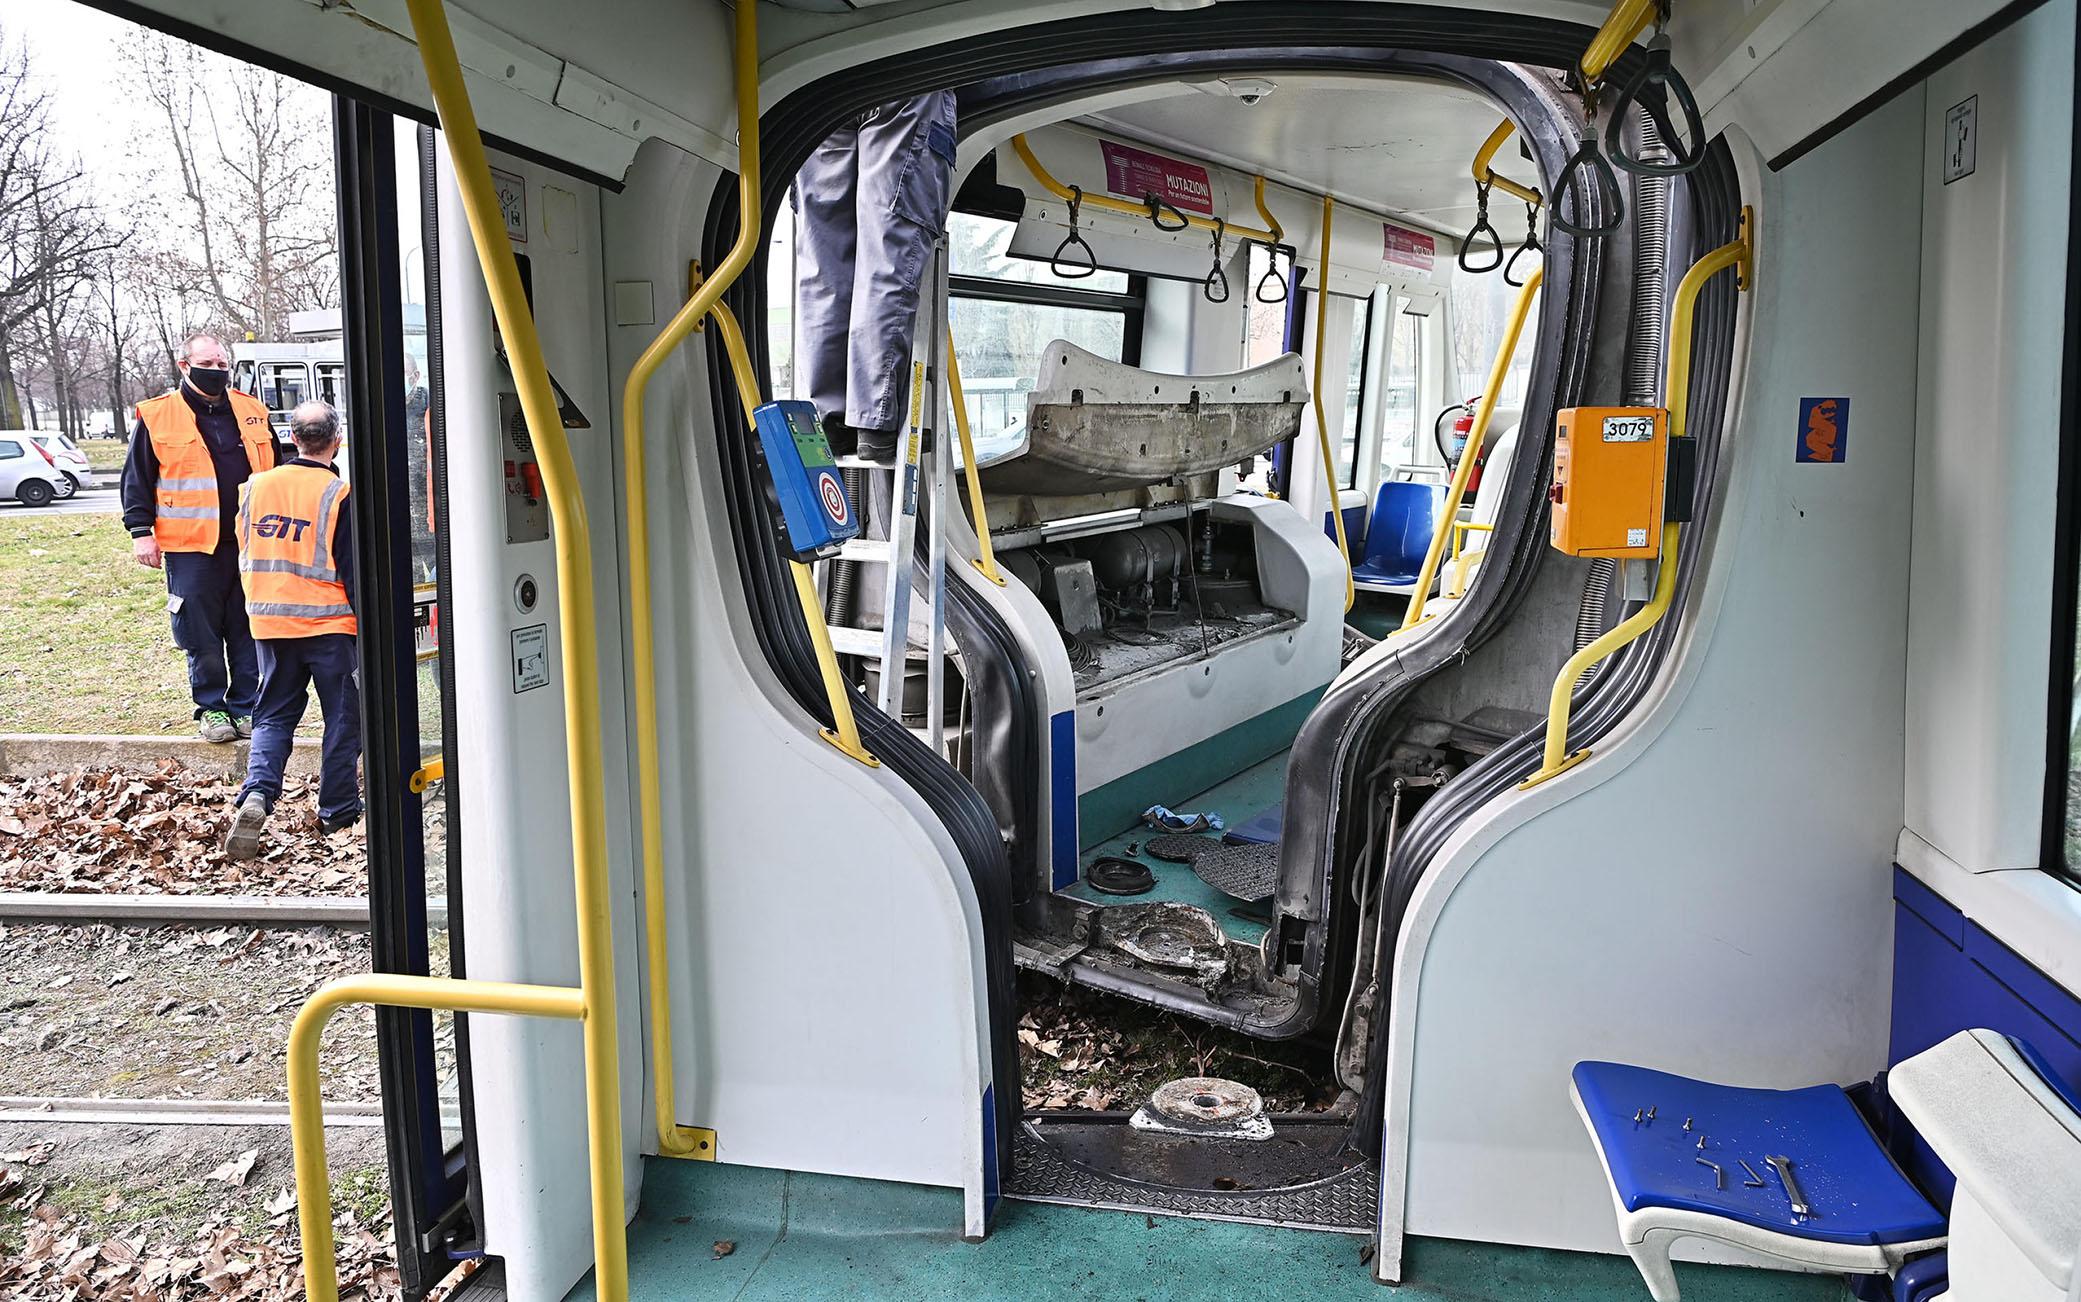 Il tram che ha deragliato e si è spezzato in due mentre entrava nella rotonda di piazza Caio Mario, a Torino, 27 febbraio 2021. A bordo numerose persone ma nessun ferito. Ancora da chiarire la cause dell'incidente.   ANSA/ALESSANDRO DI MARCO